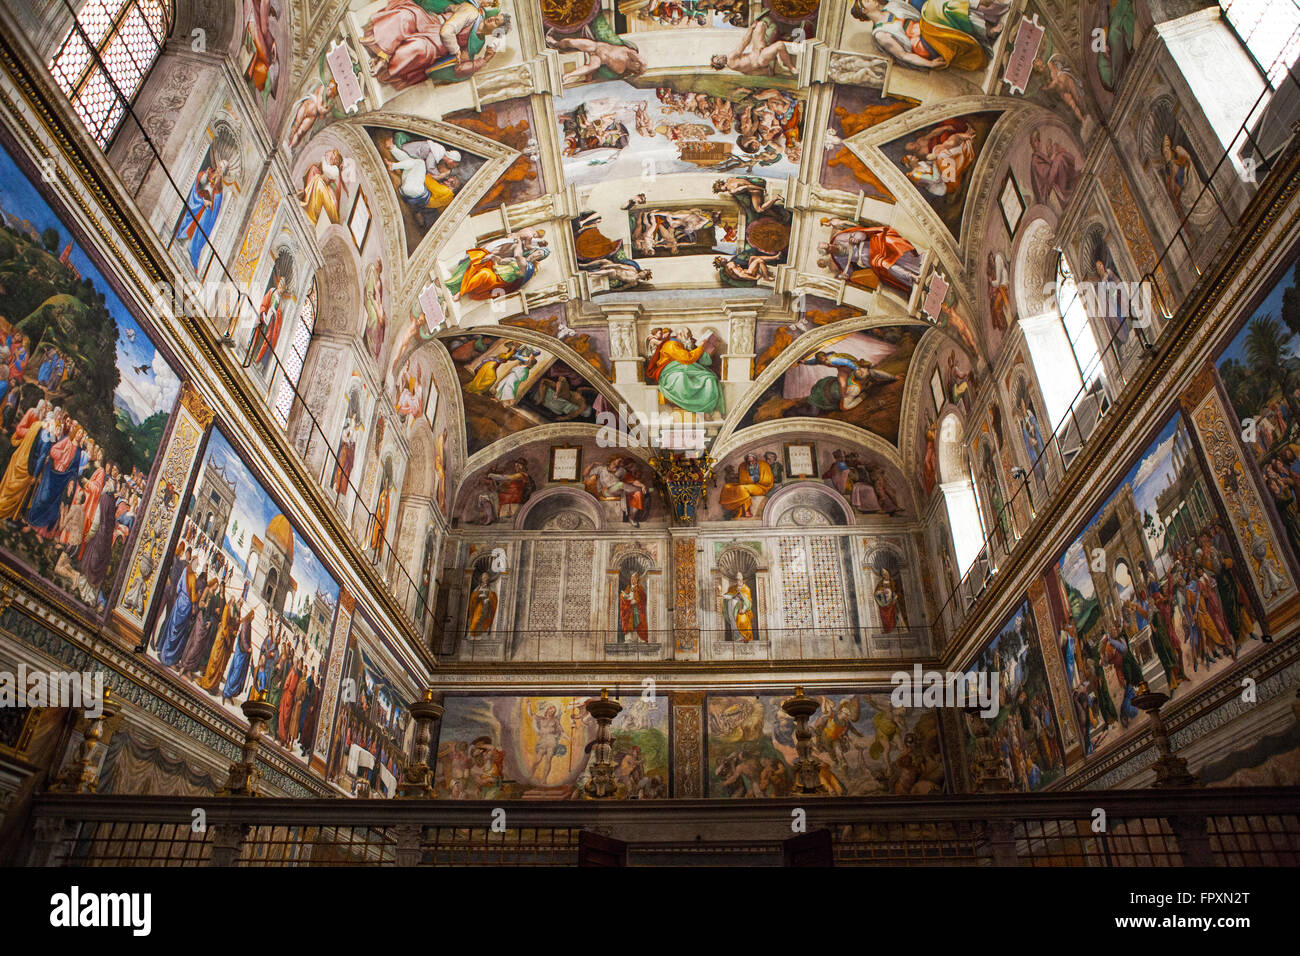 Vatikanstadt, Rom - 2. März 2016: Innen- und architektonische Details der Sixtinischen Kapelle, 2. März Stockbild